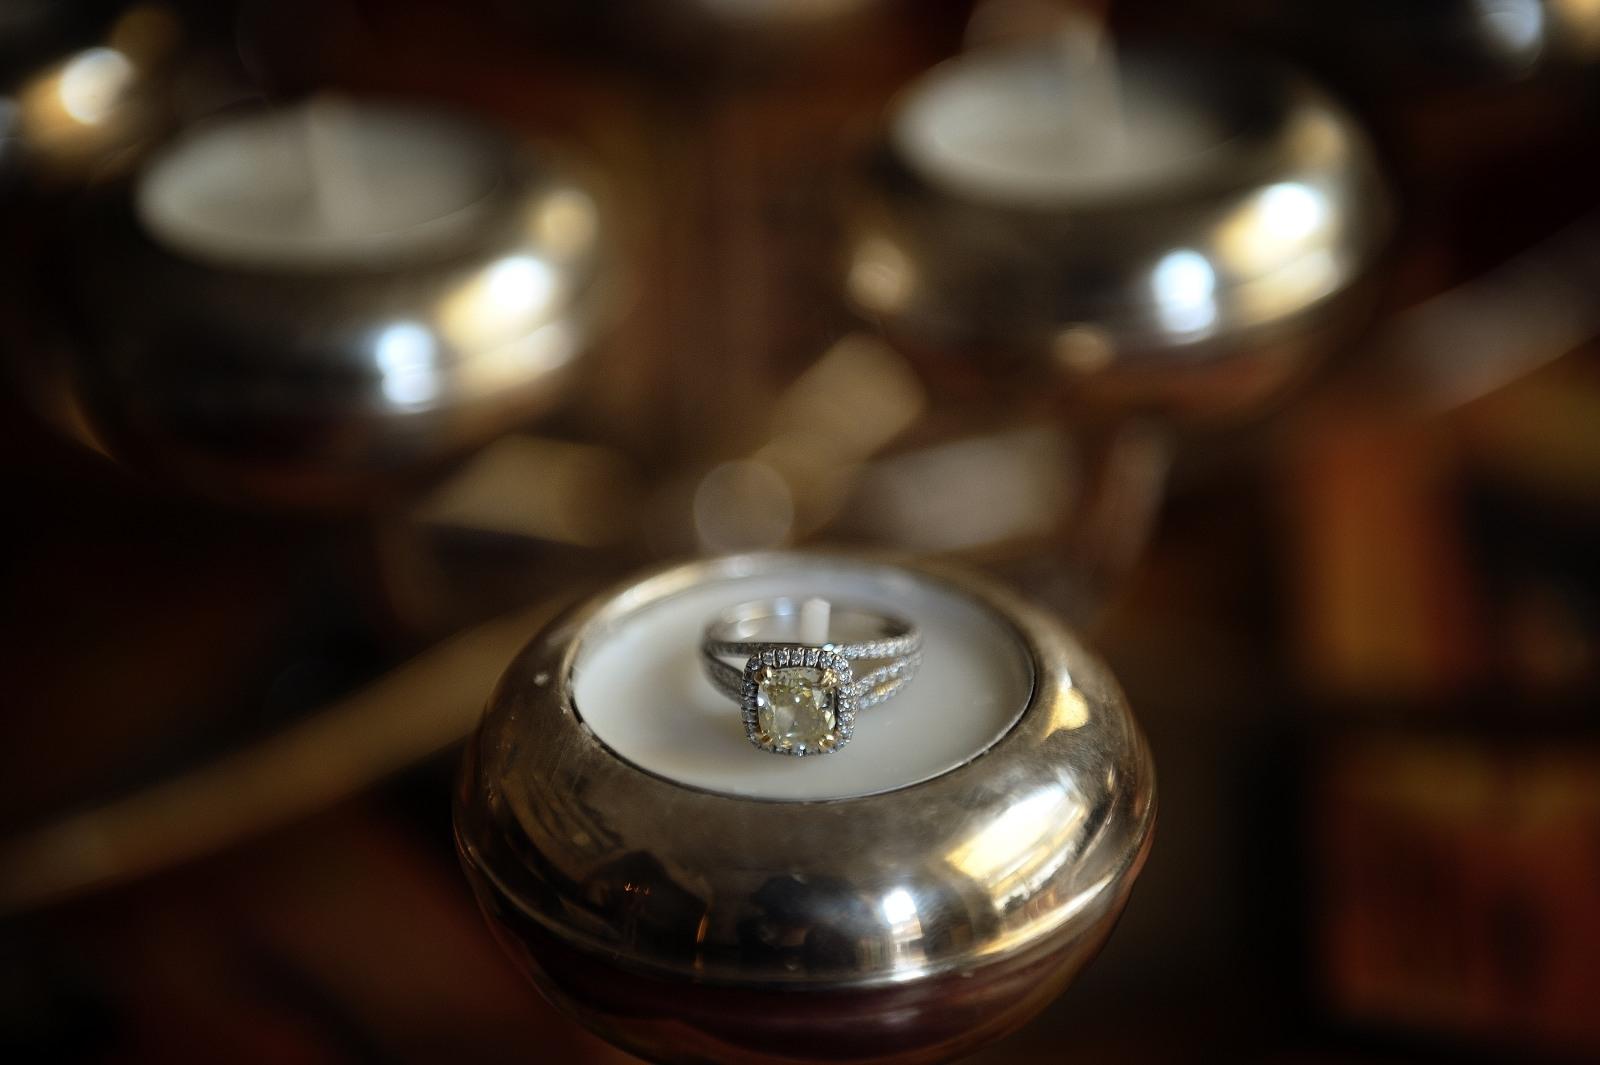 L'anello di fidanzamento - the engagement's ring